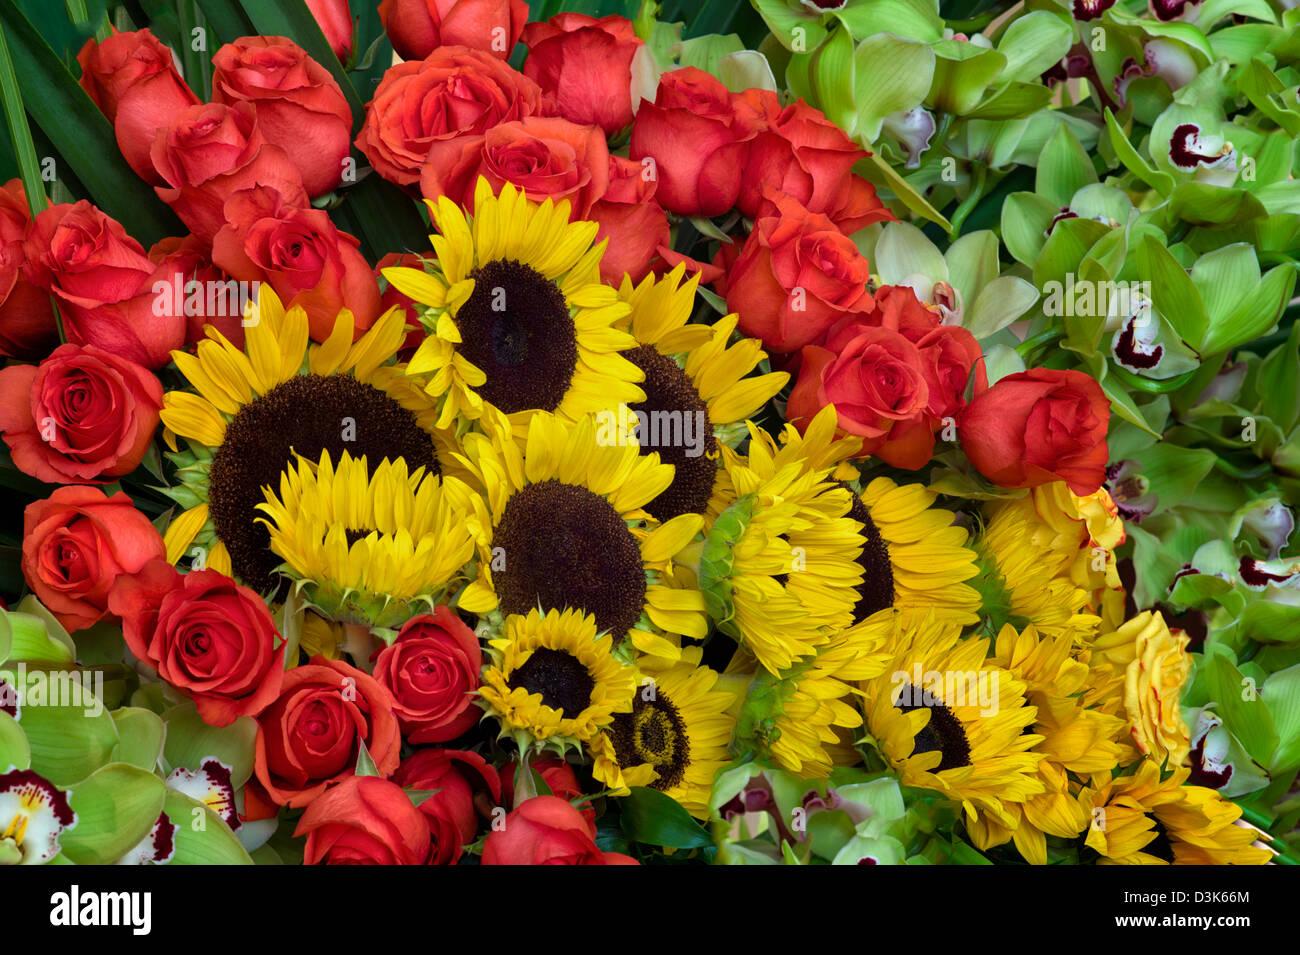 Blume-Anzeige von Sonnenblumen, Rosen und Orchideen. Stockbild